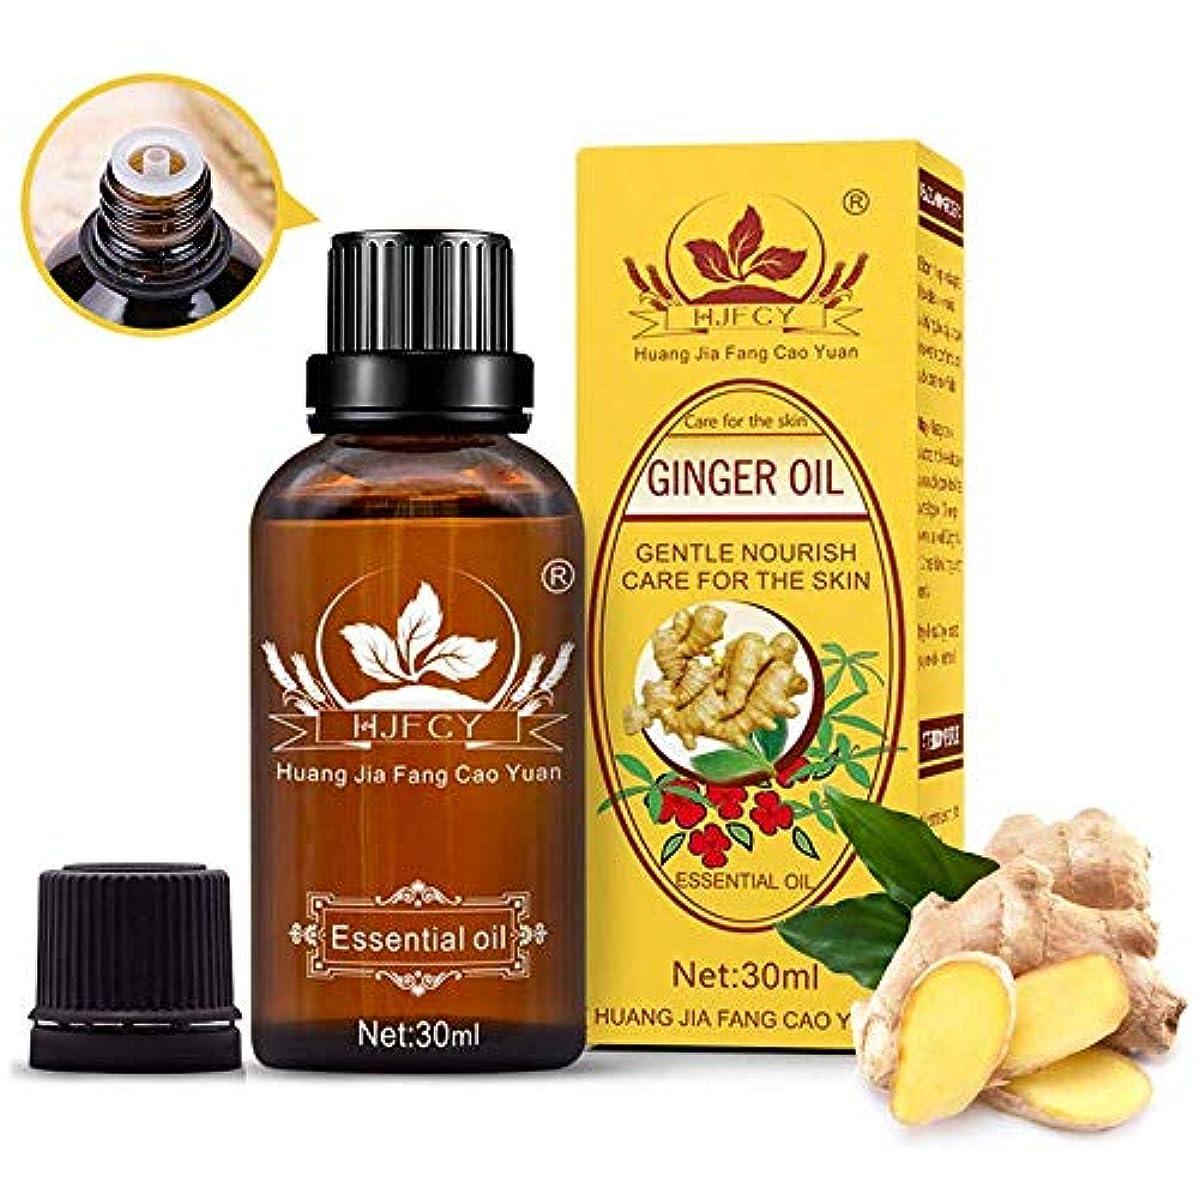 祝う頑張る定義ジンジャーエッセンシャルオイル、天然植物療法ジンジャーエッセンシャルオイルリンパ排水、スパマッサージ油、筋肉の痛みの緩和、血液の循環を促進し、穏やかに30ML